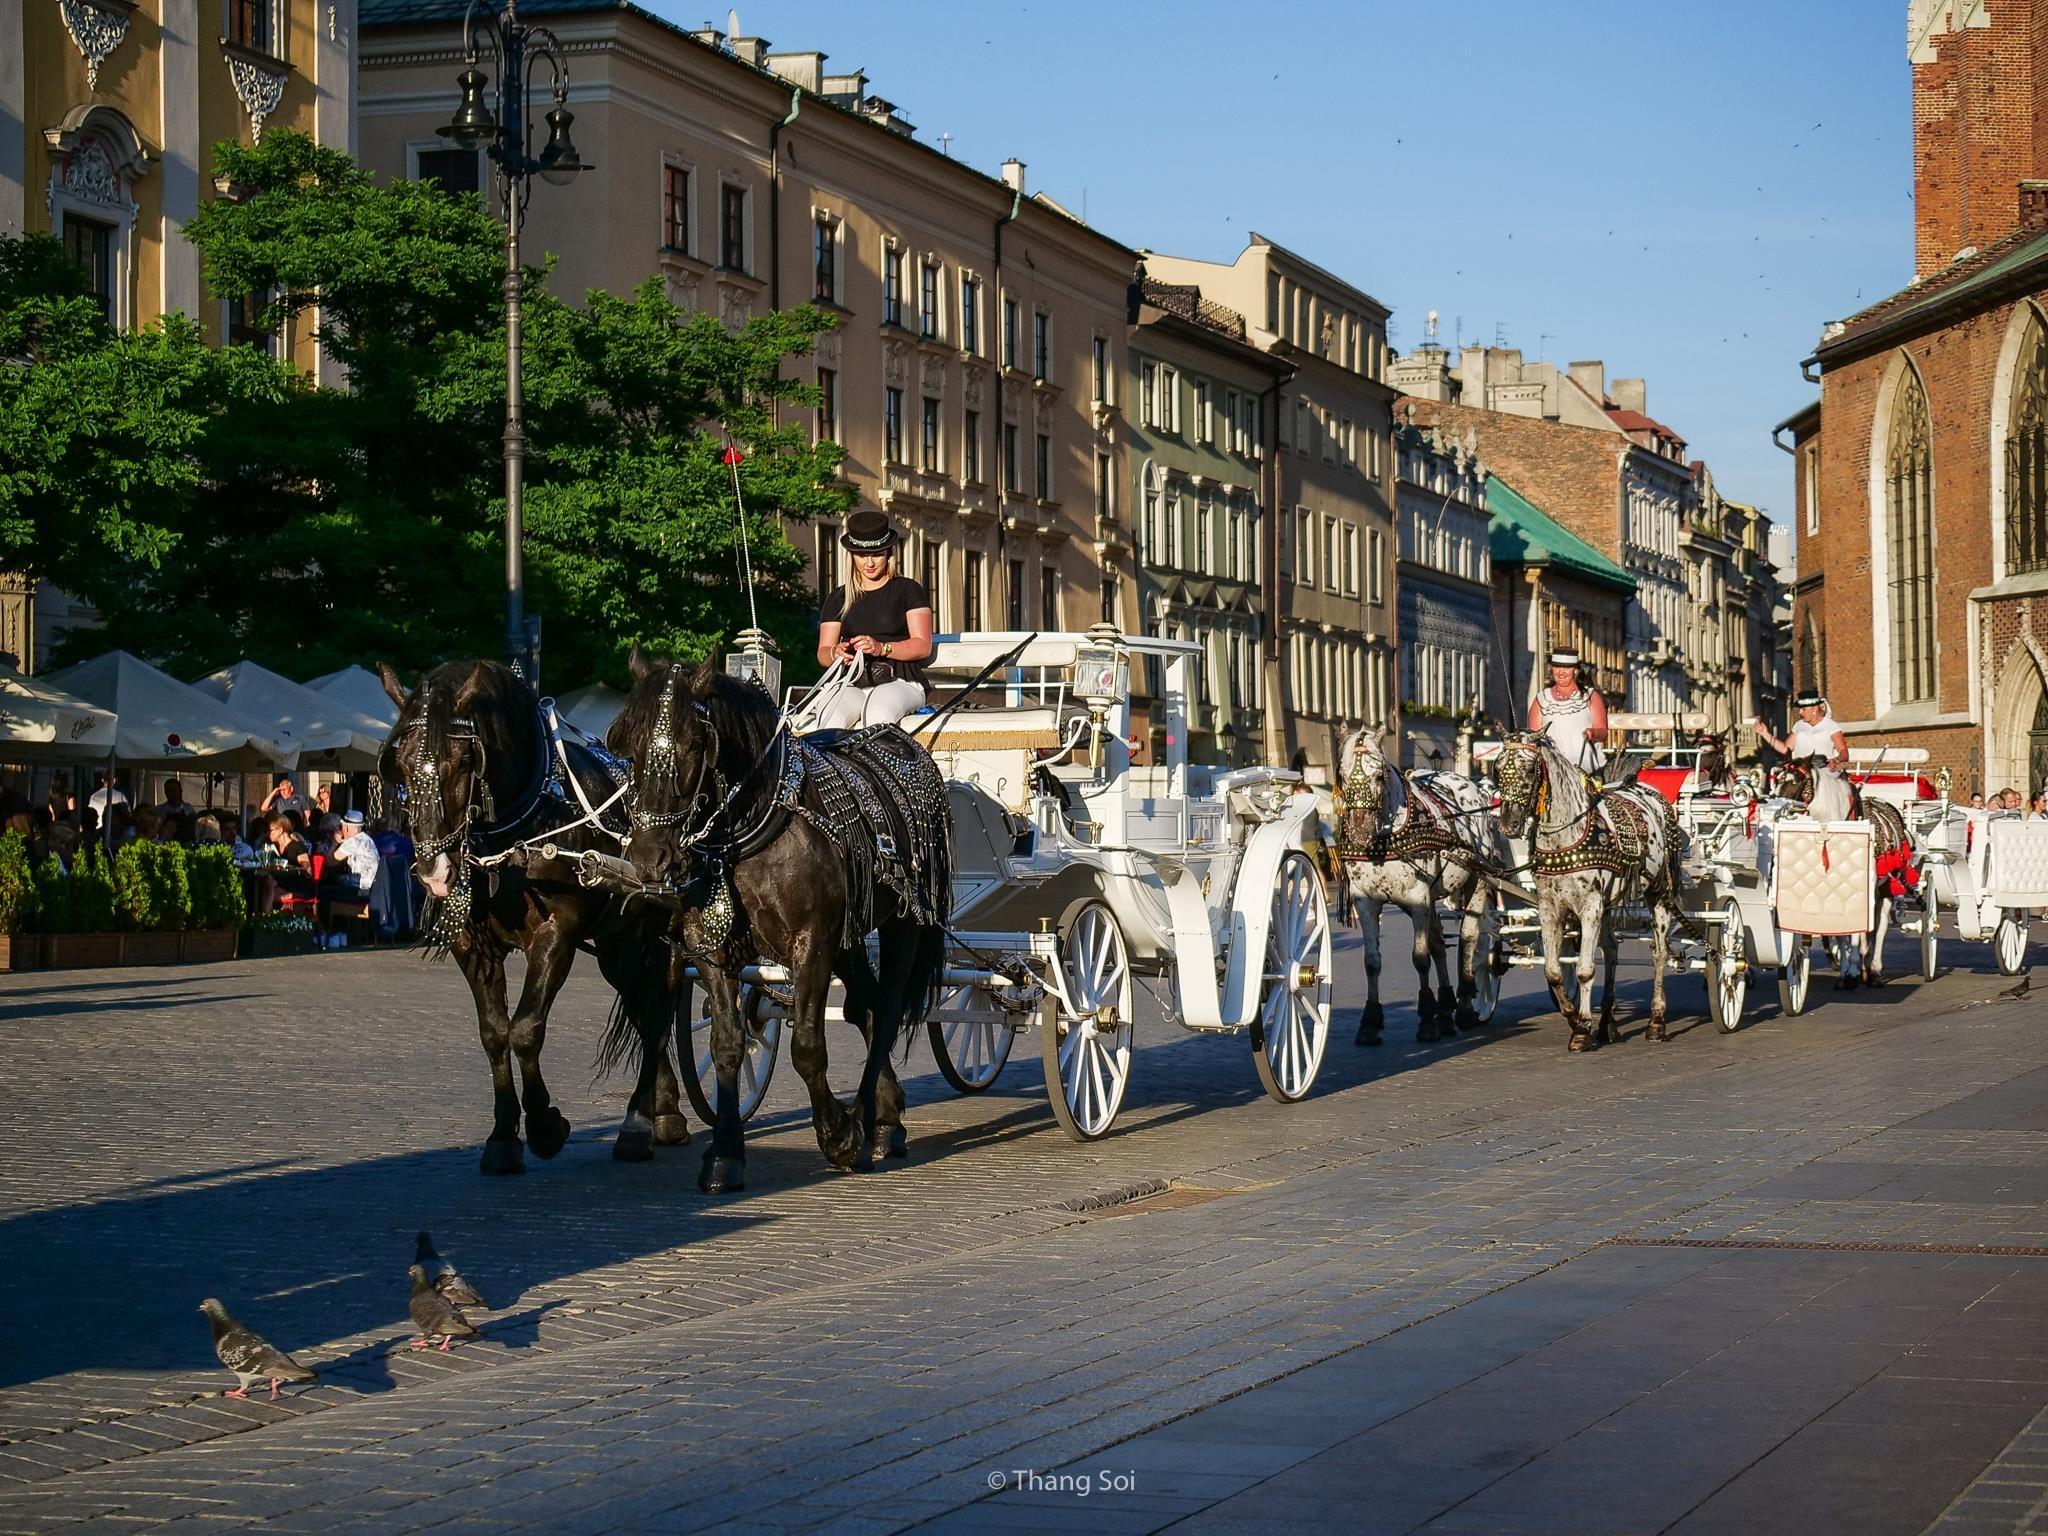 Krakow, kinh do co phai ghe tham khi den Ba Lan hinh anh 37